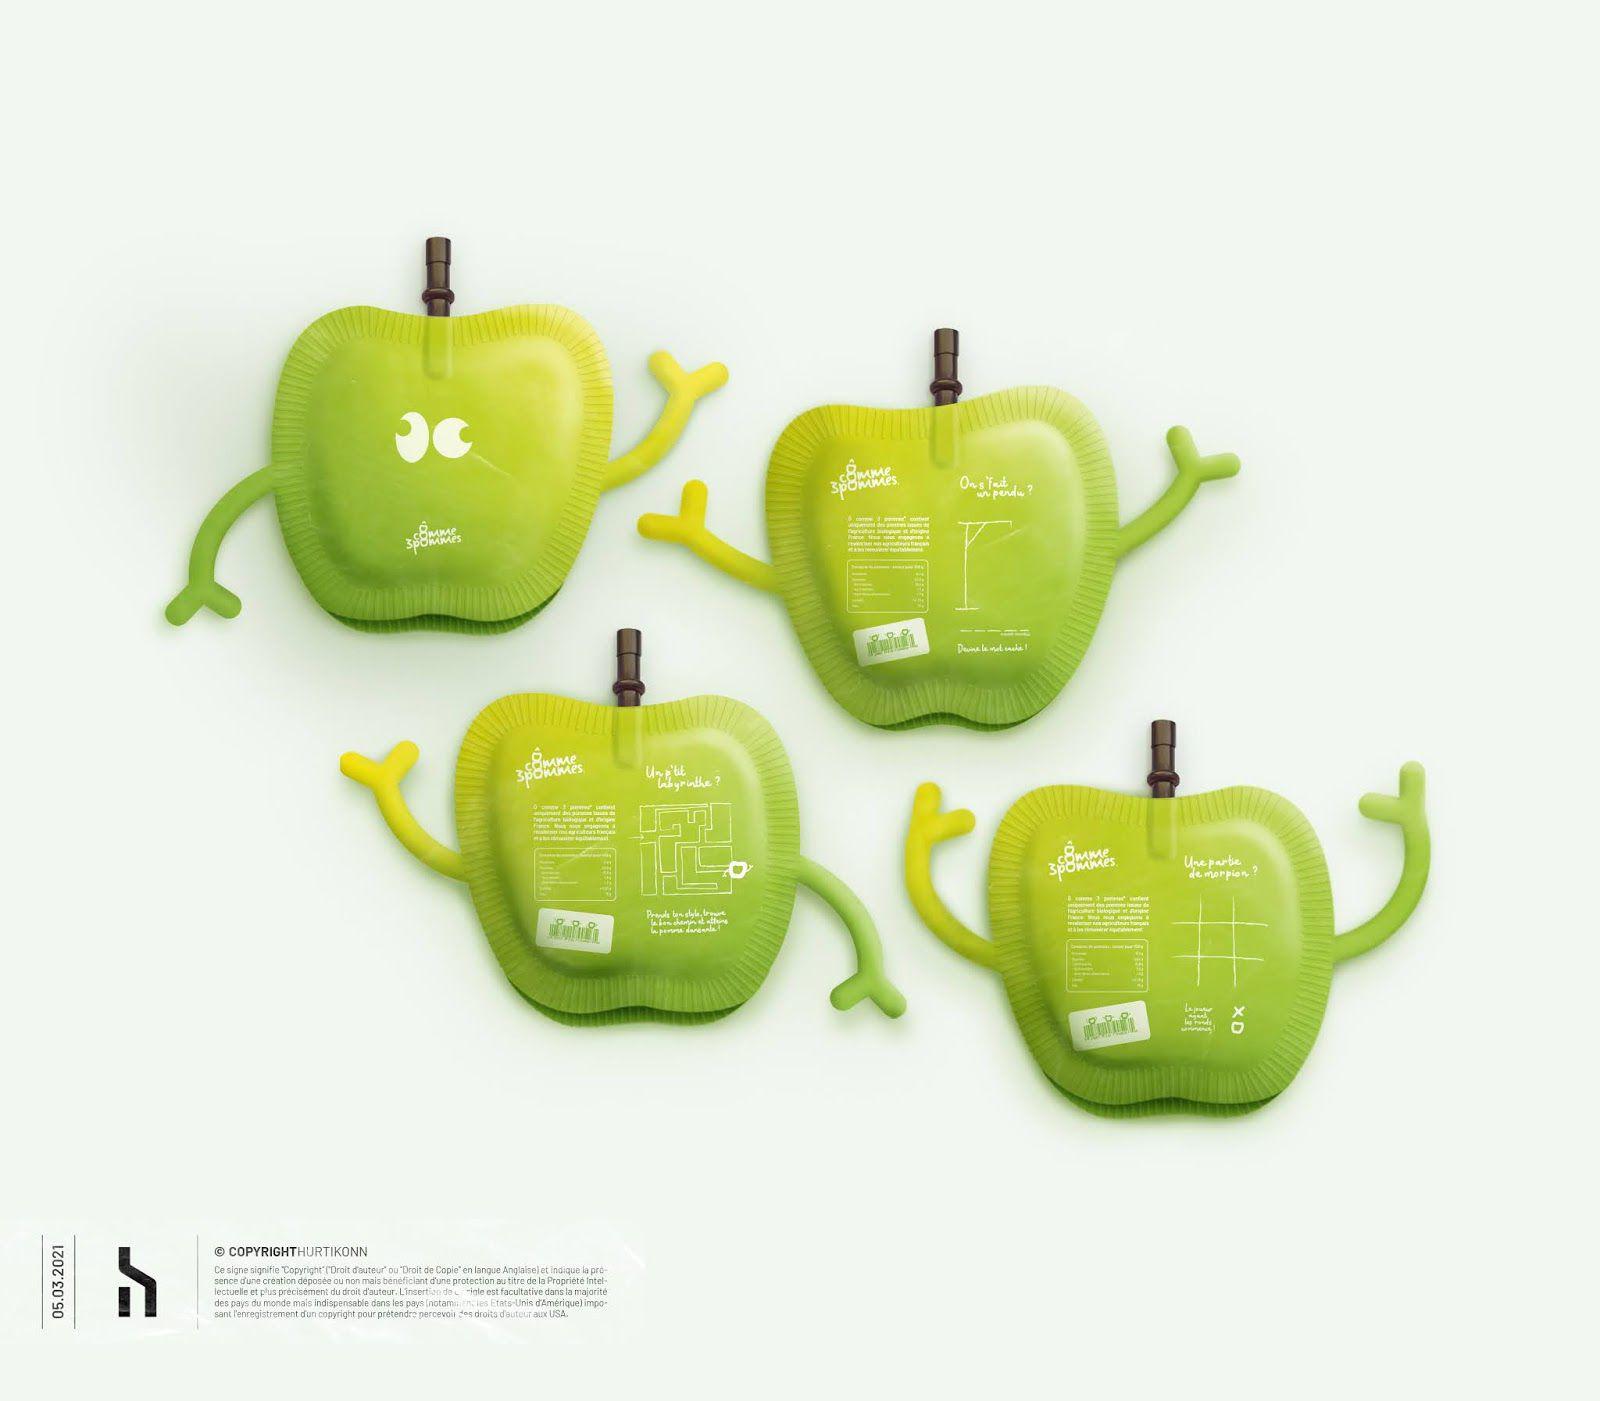 Ô comme trois pommes (compotes de fruits) I Design (projet étudiant) :  Hurtikonnn, France (mars 2020)